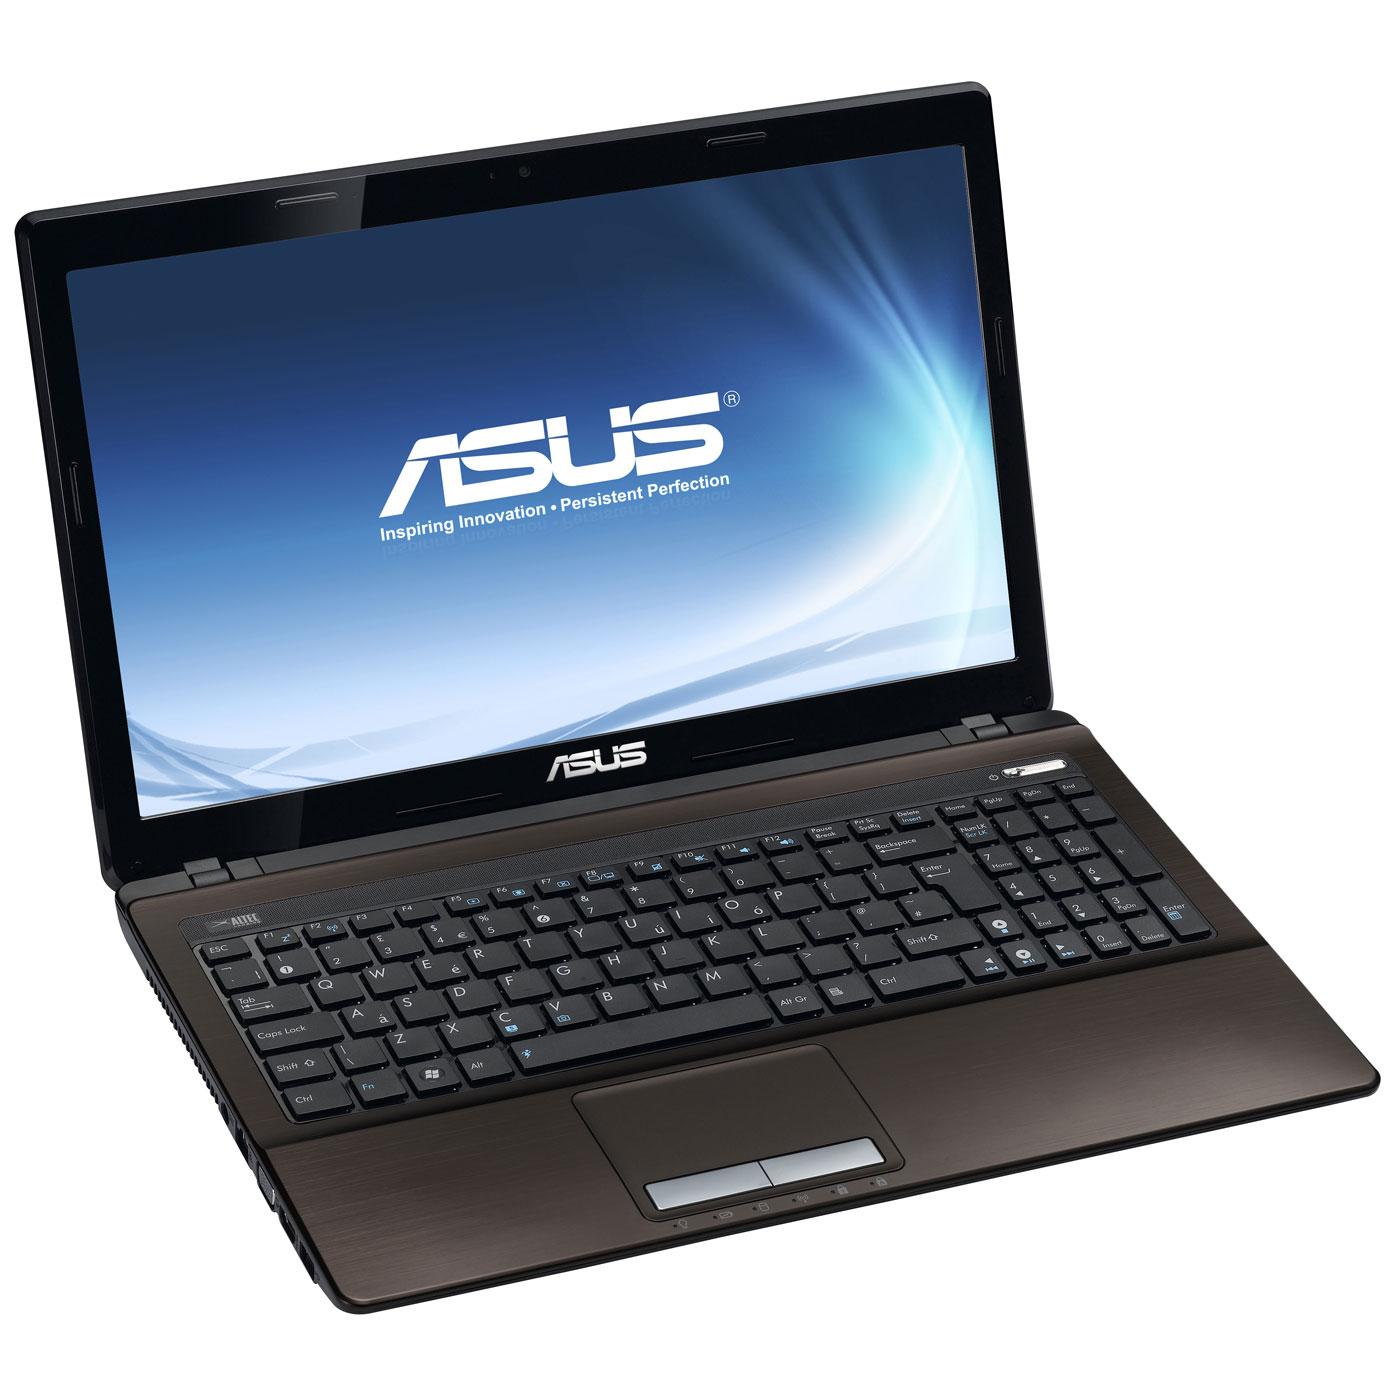 """PC portable ASUS K53E-SX1778V Intel Pentium Dual-Core B940 4 Go 320 Go 15.6"""" LED Graveur DVD Wi-Fi N Webcam Windows 7 Premium 64 bits (garantie constructeur 2 ans)"""